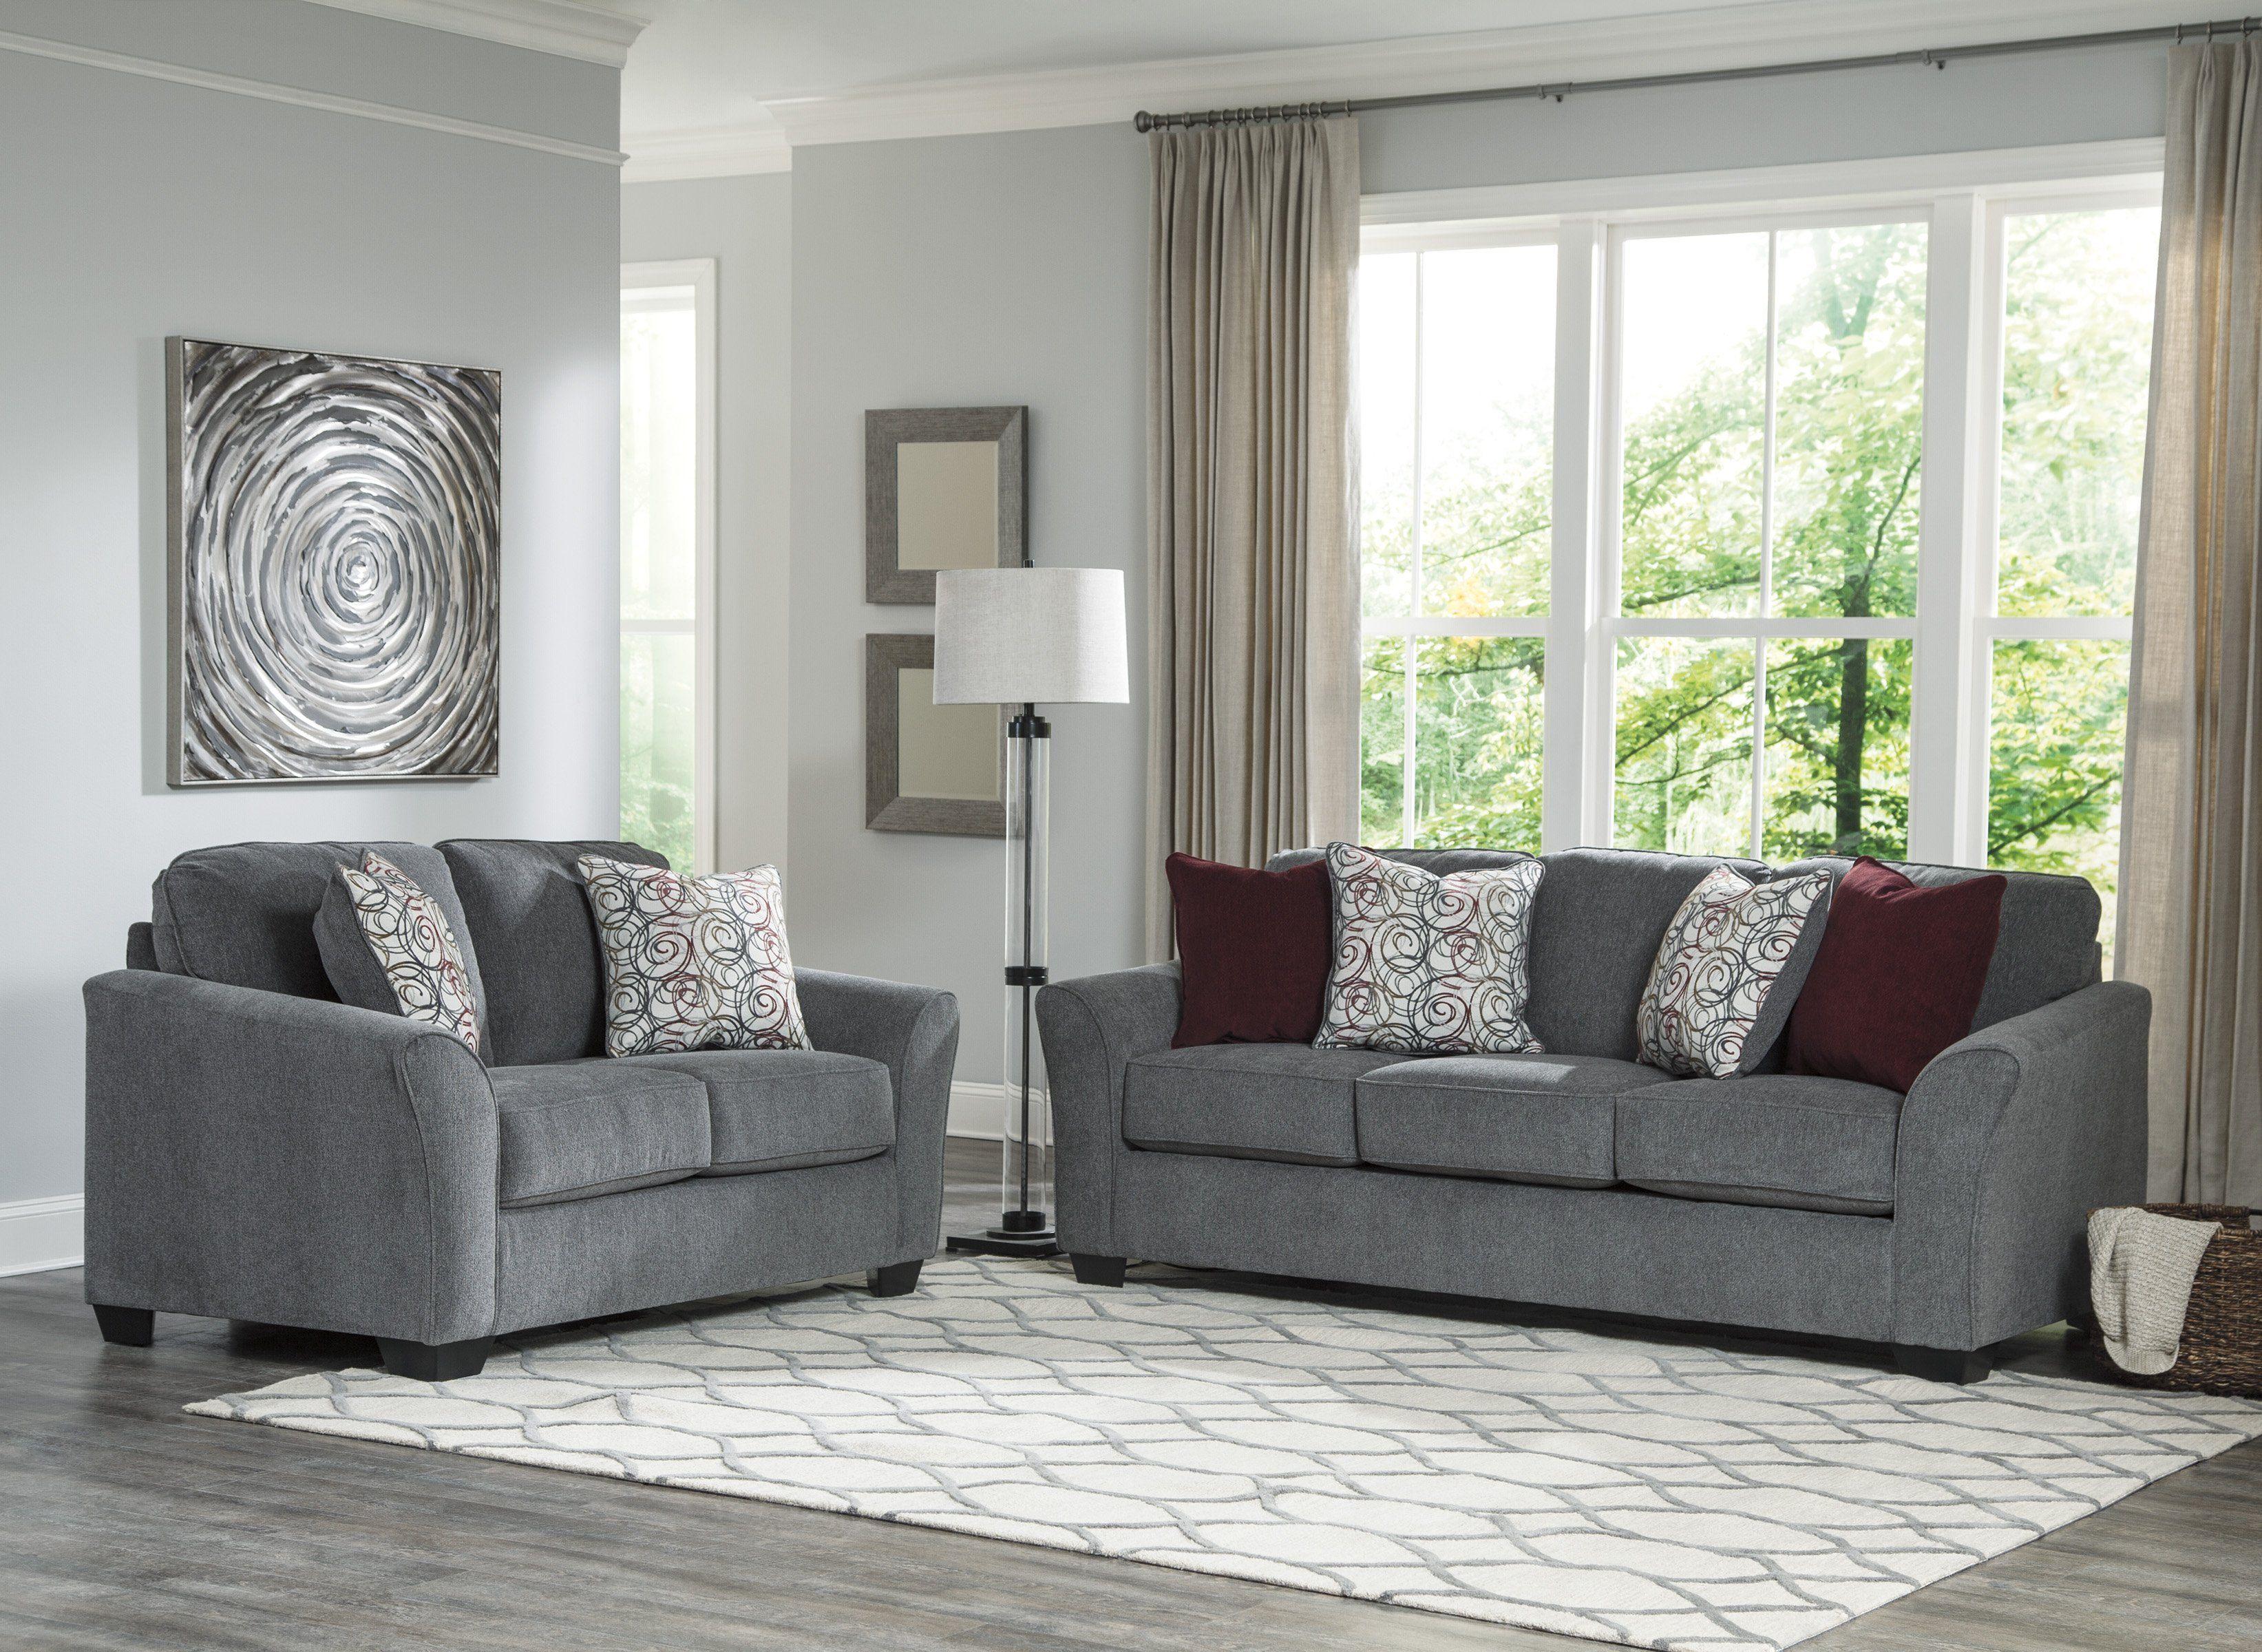 Idelbrook Sofa In 2021 Grey Furniture Living Room Big Lots Furniture Living Room Furniture Collections